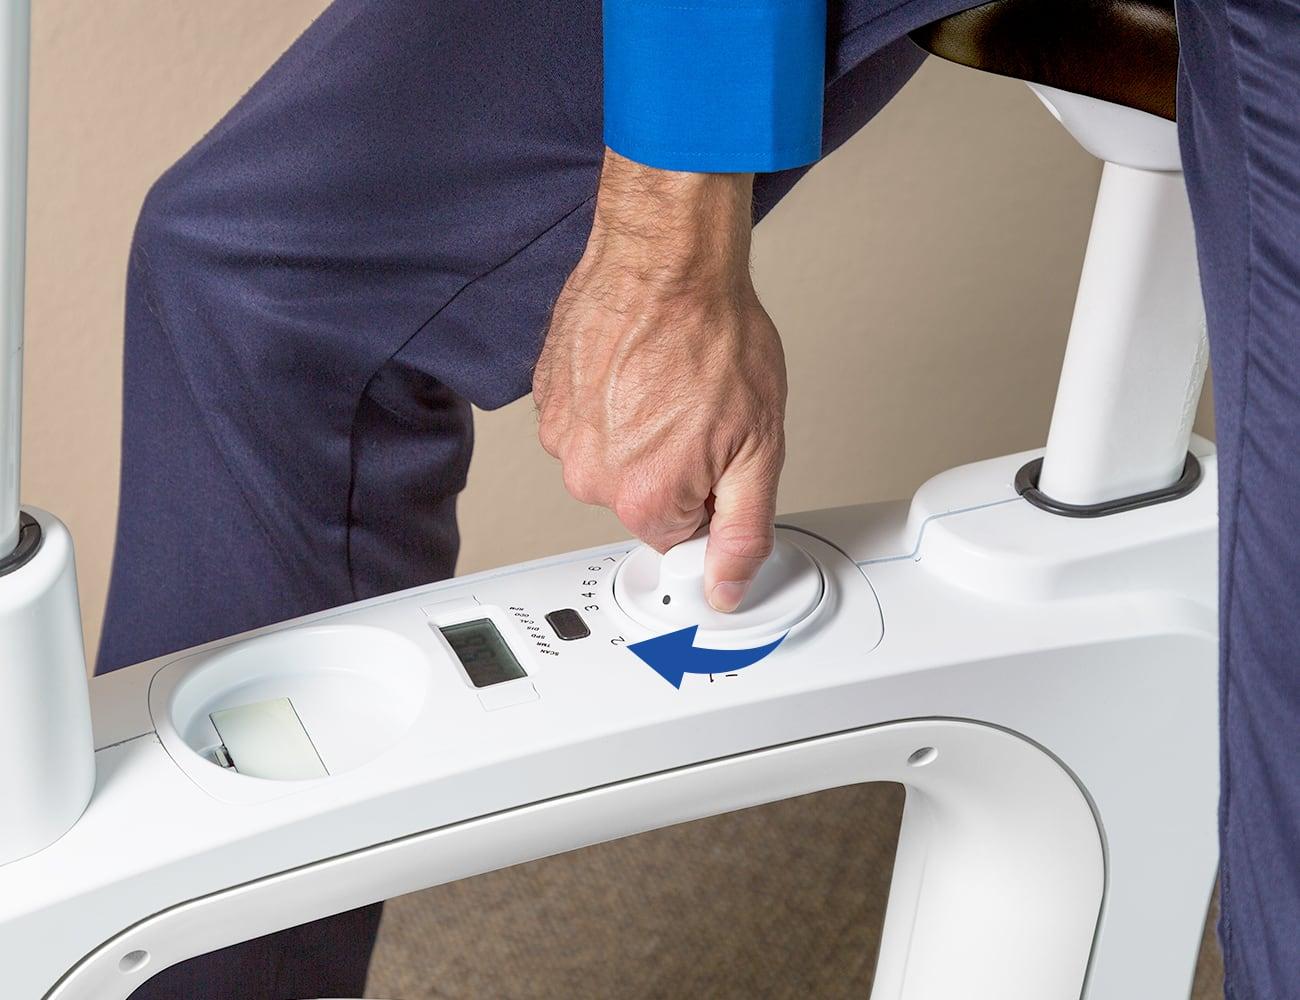 FlexiSpot Deskicise Pro Cycle Desk